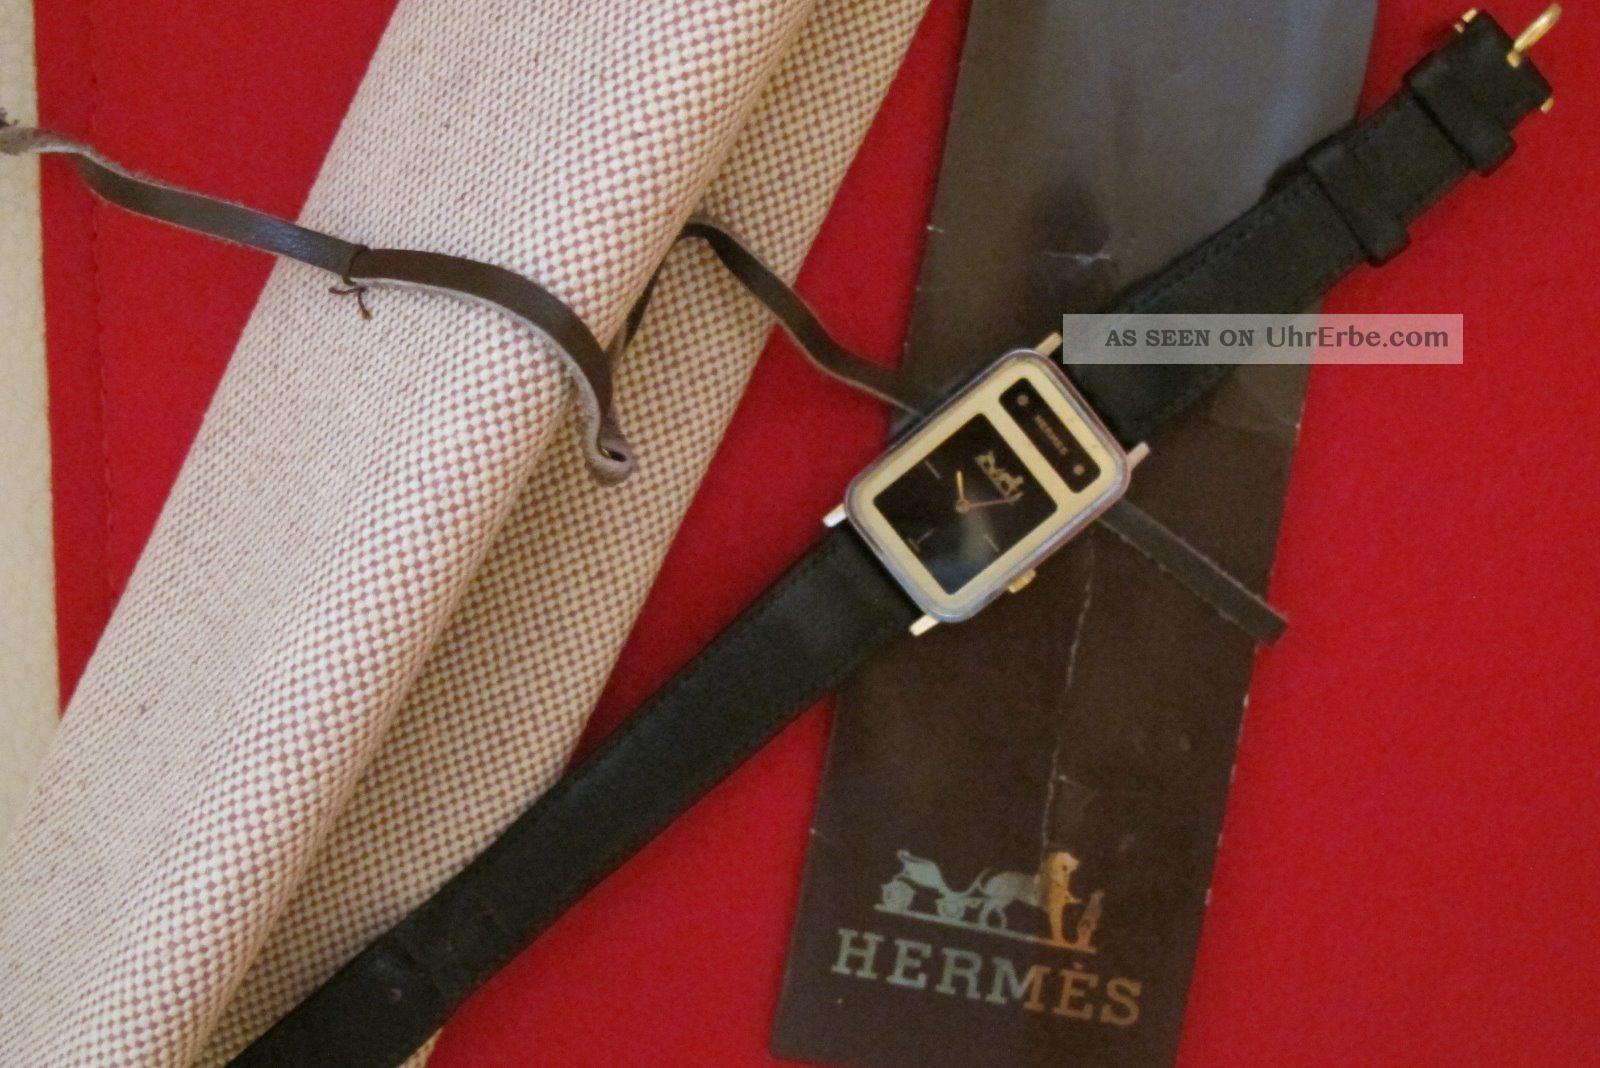 Armbanduhr Hermès Paris Dau Hau Hermes Jaeger - Lecoultre Jaeger Le Coultre Armbanduhren Bild